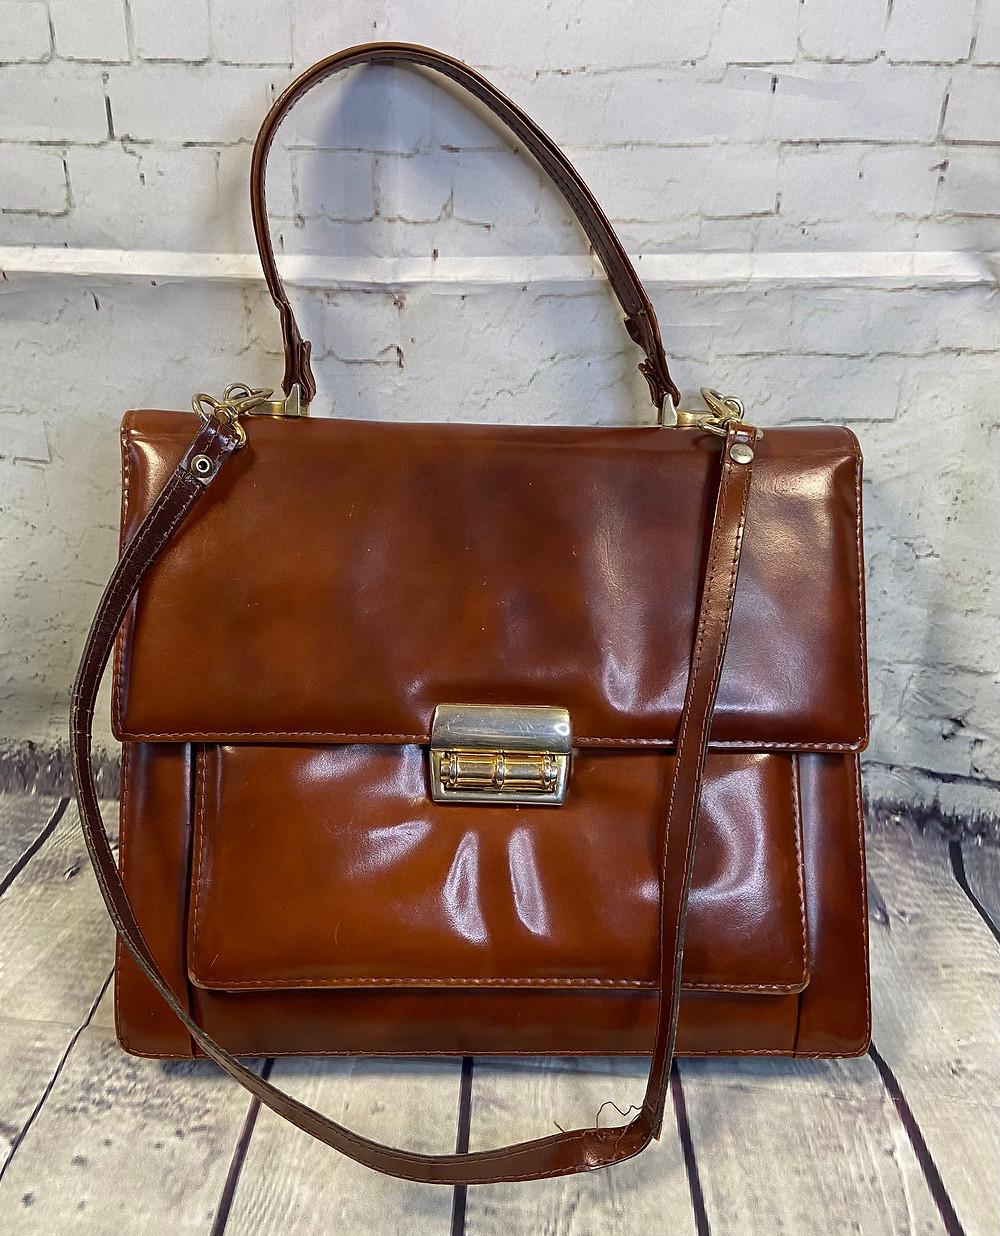 Vintage Handbag | 1970s Vintage Tan Leather Satchel Bag